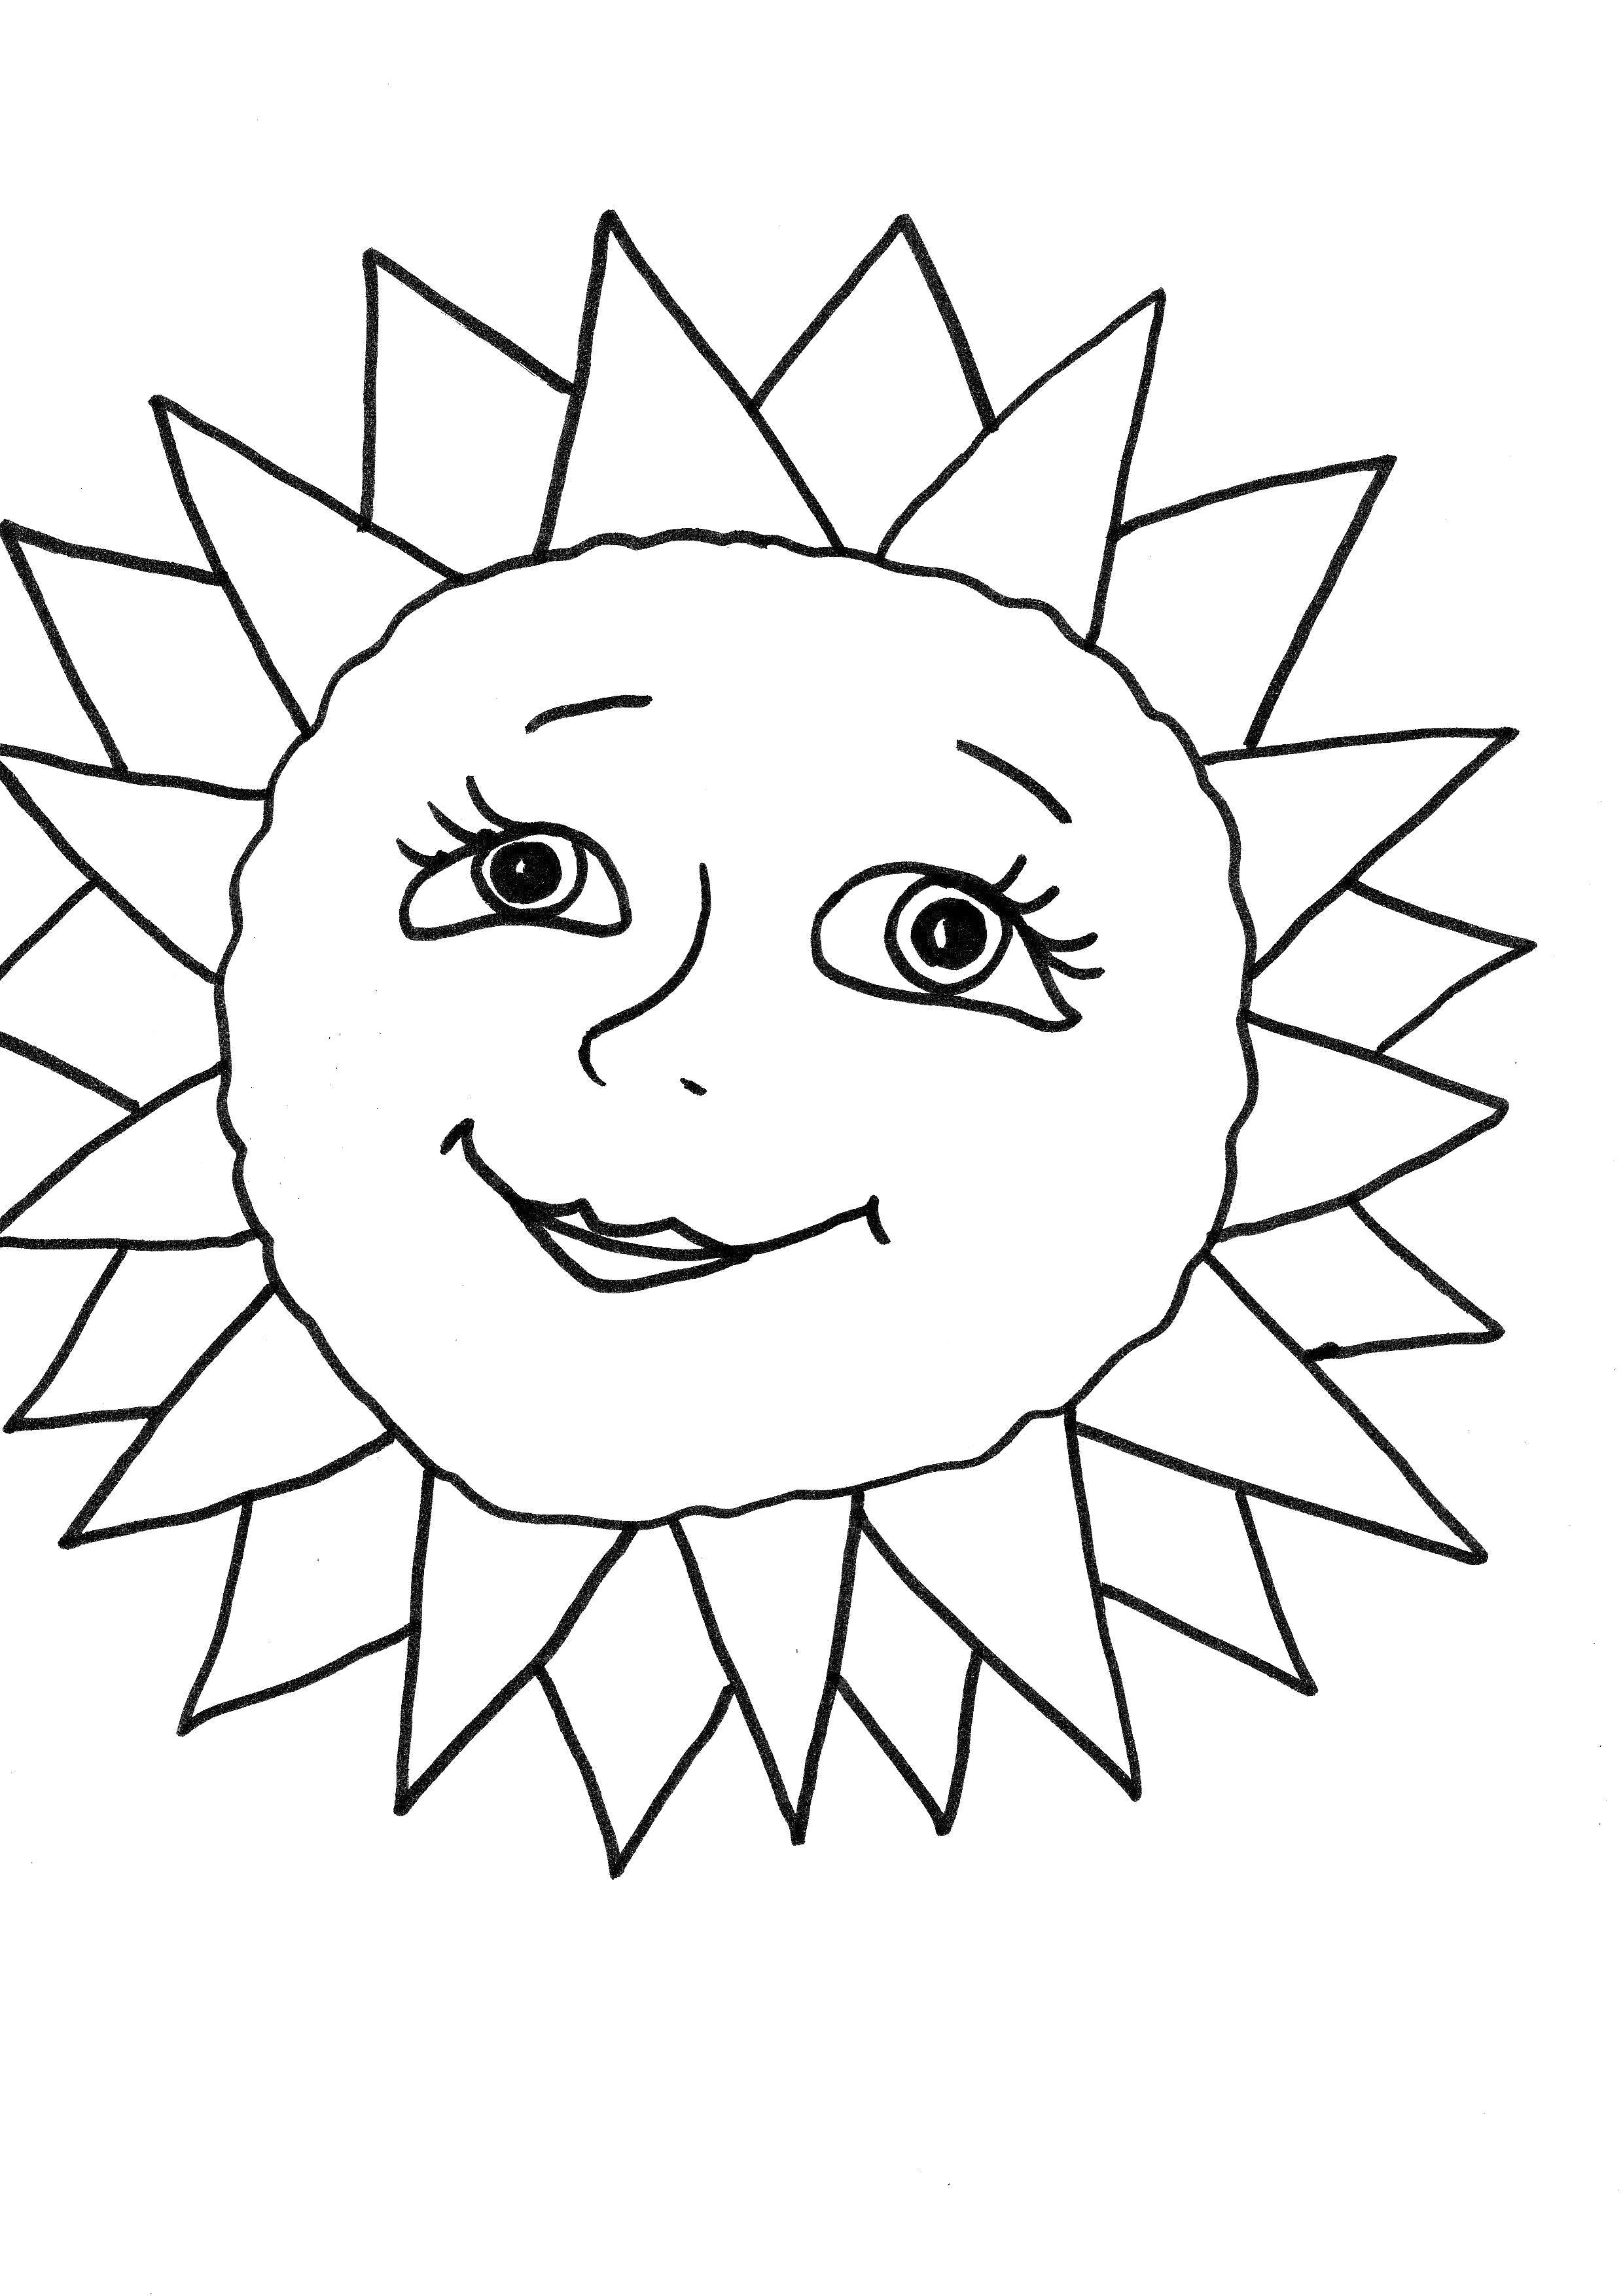 Раскраска Красивое солнышко. Скачать Солнышко.  Распечатать Солнышко